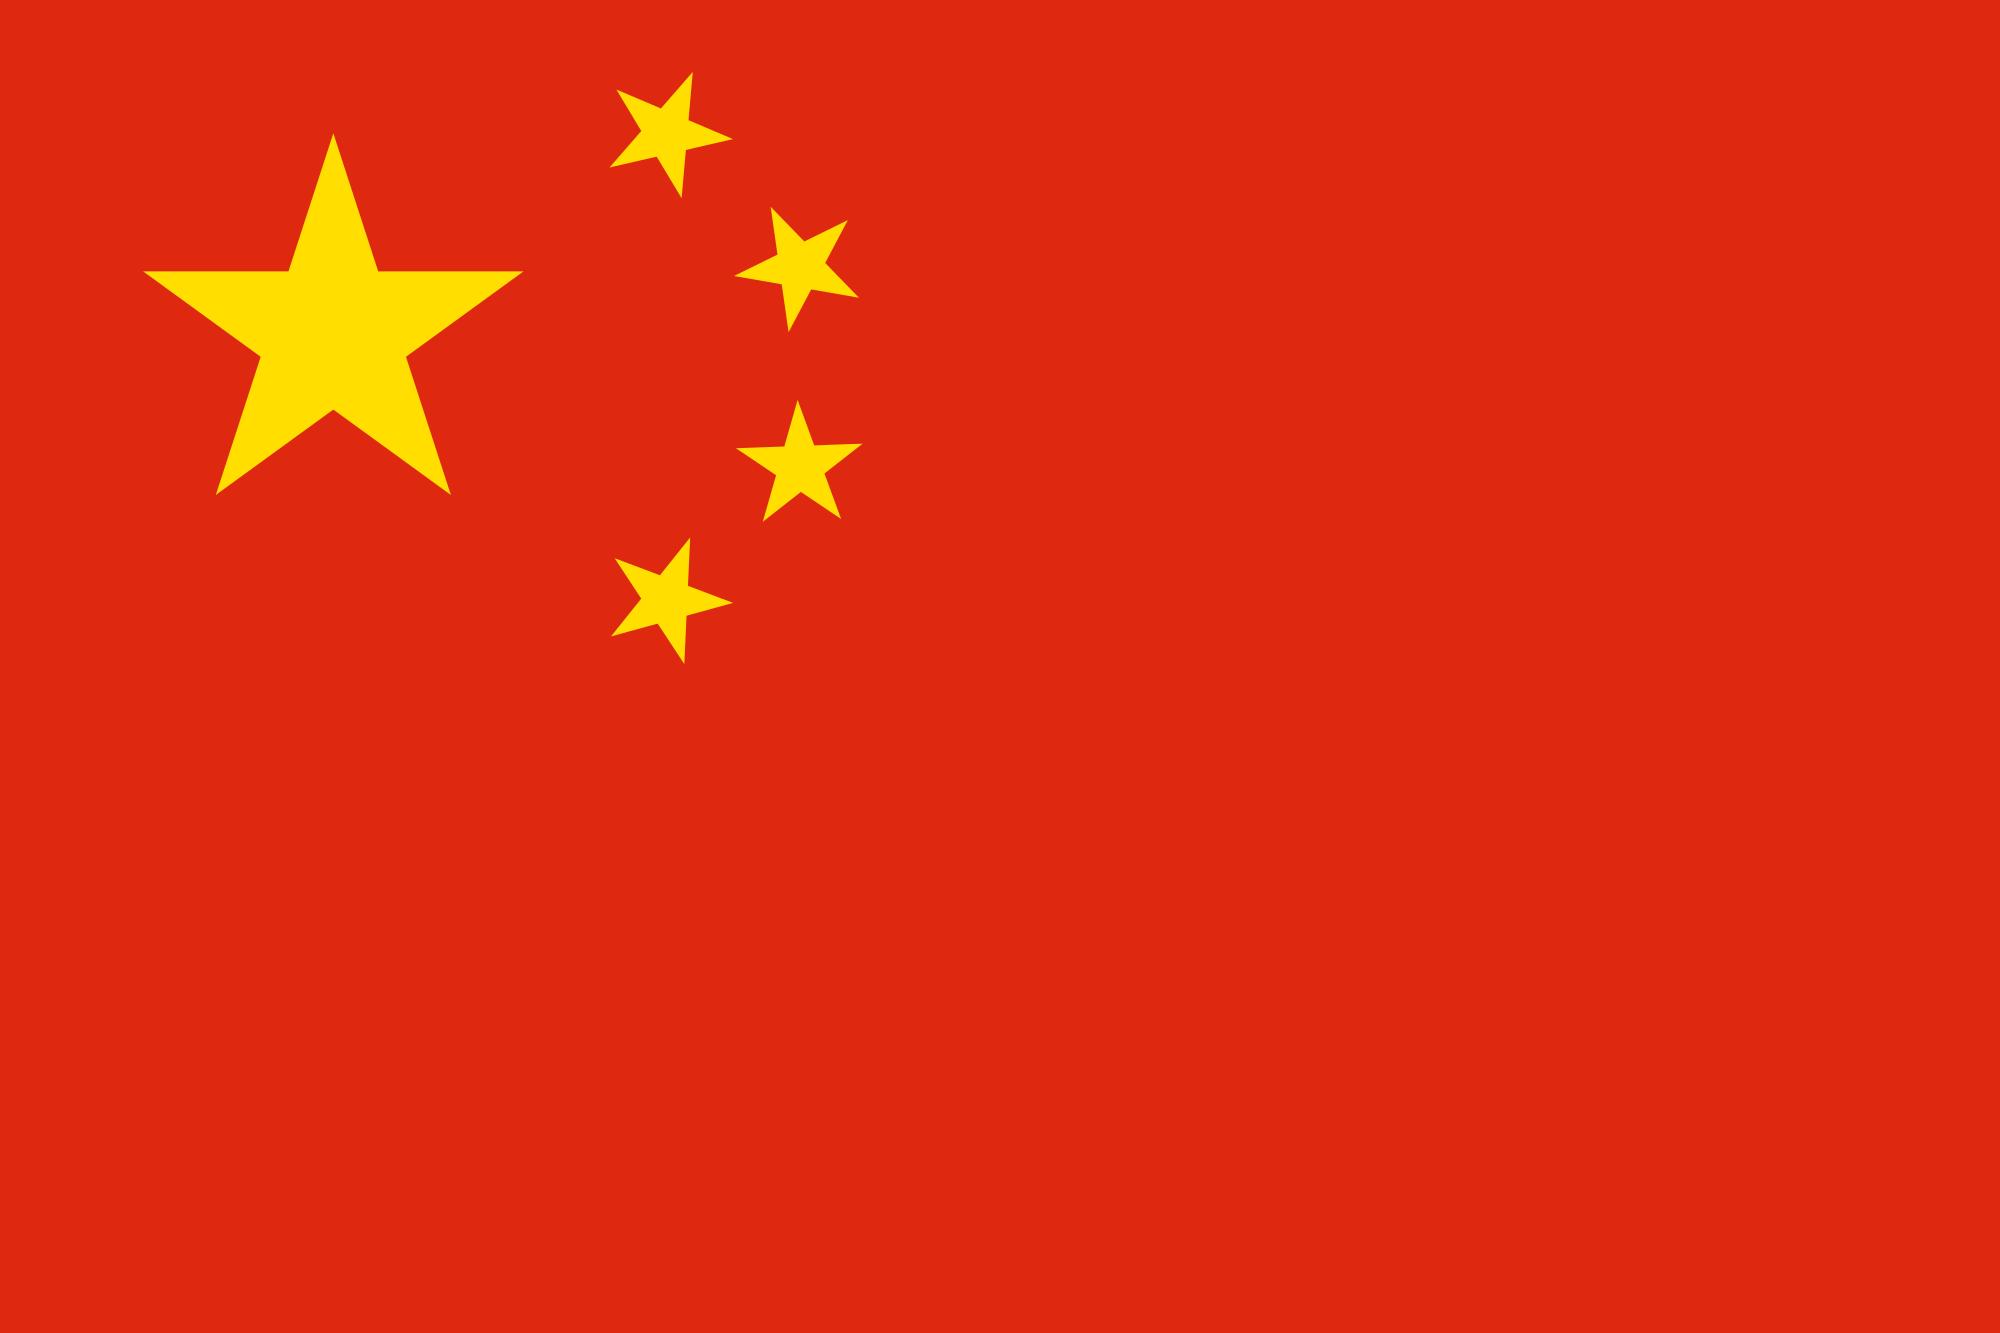 szkolenie pt. Import z Chin